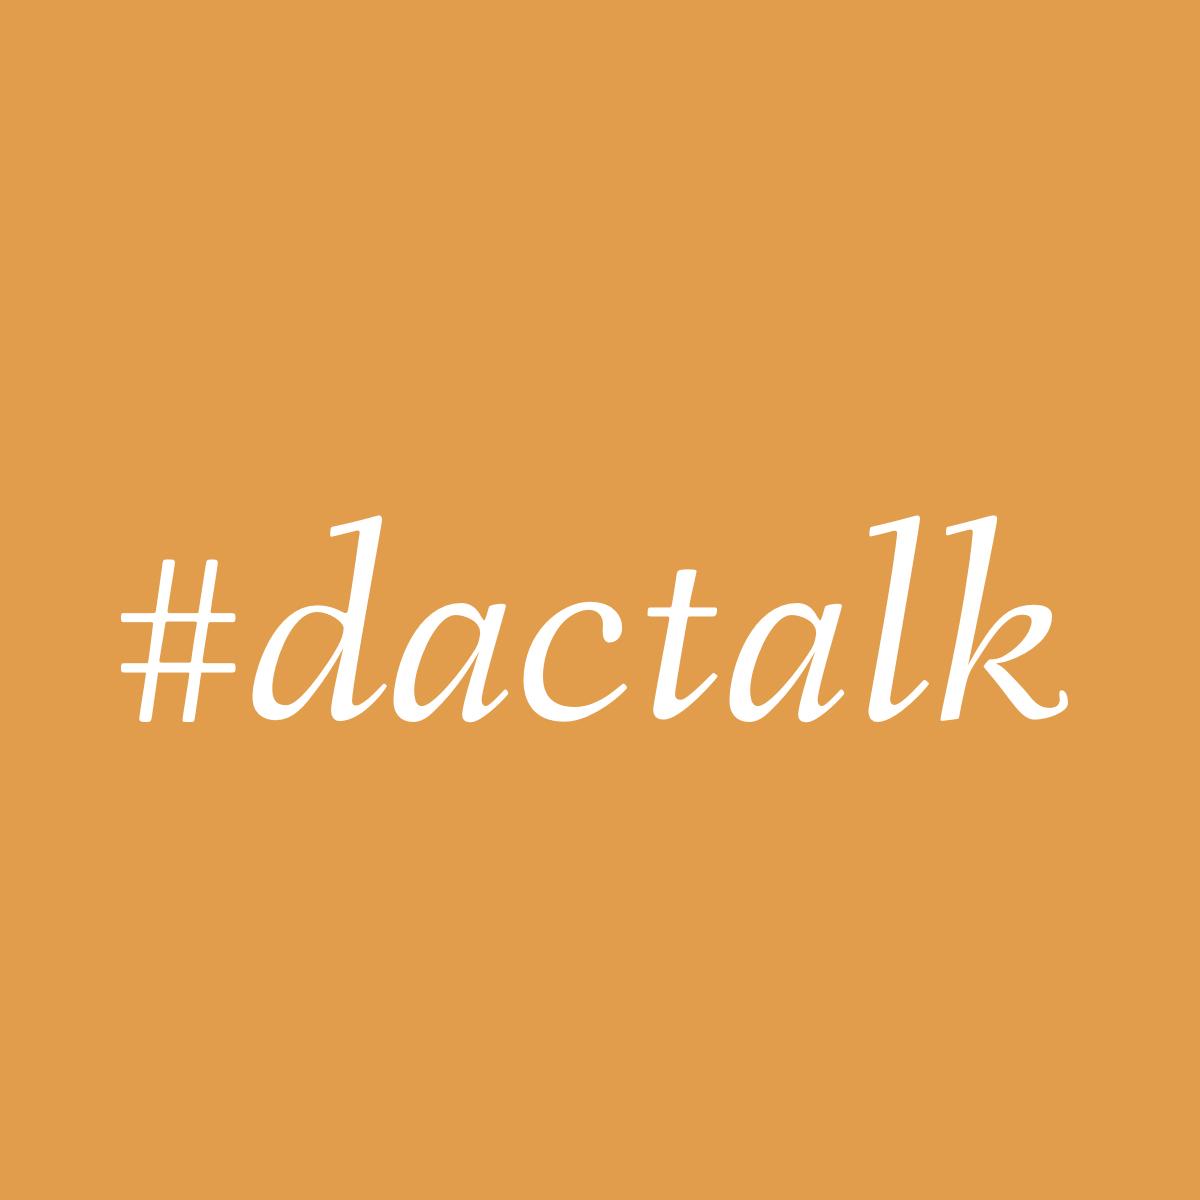 #dactalk